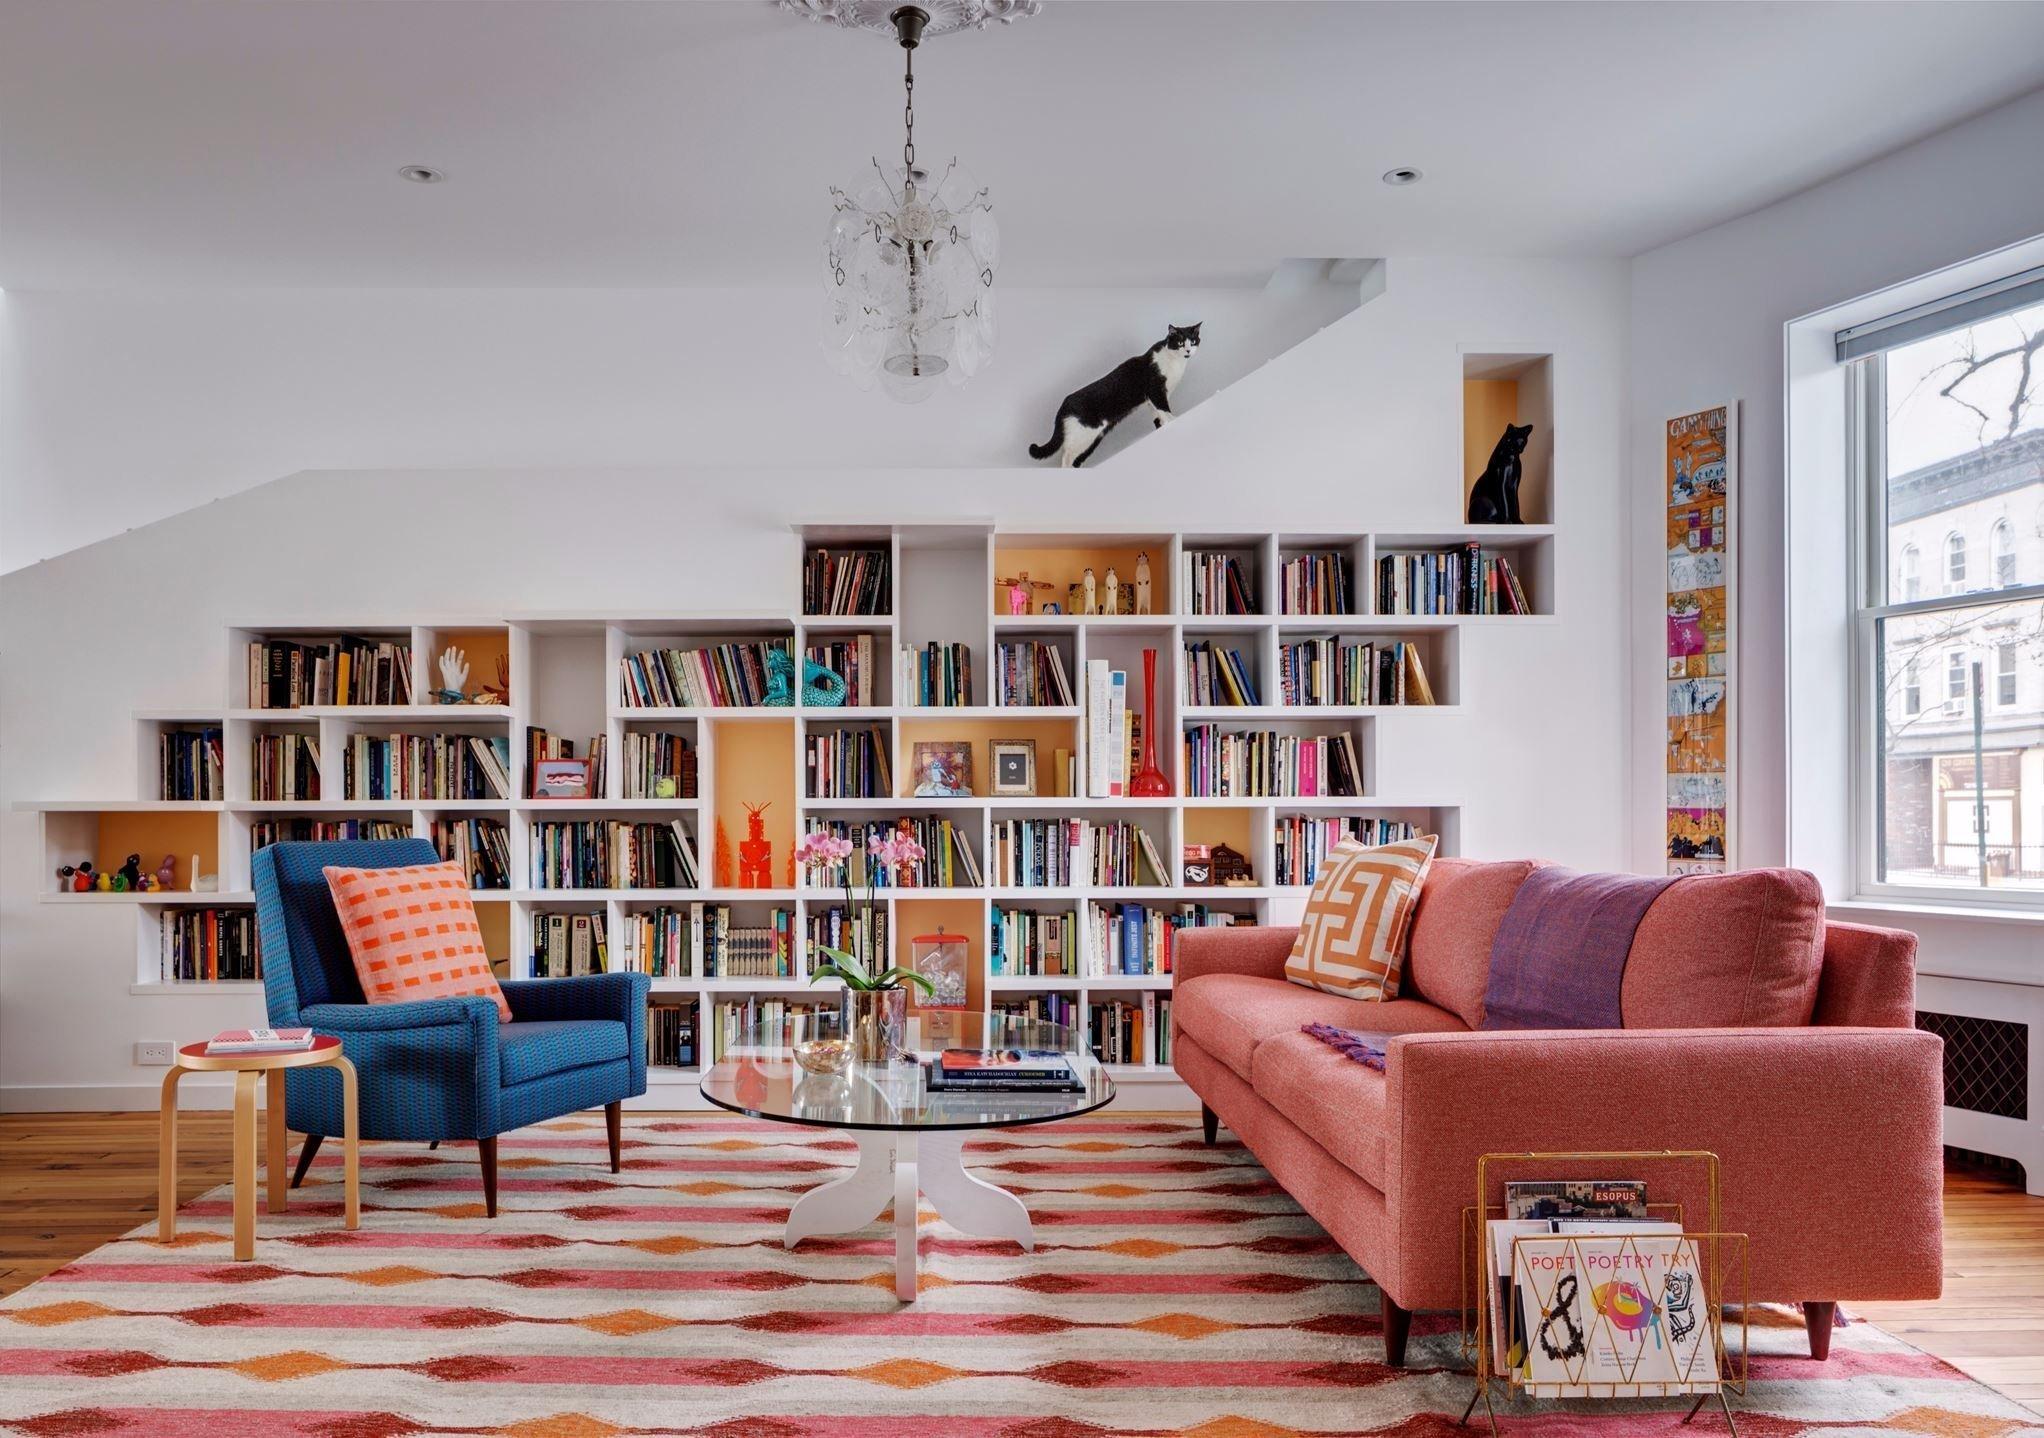 V poklidné brooklynské čtvrti Windsor Terrace v New Yorku vzniklo díky profesionálům ze studia BFDO Architects naprosto luxusní bydlení pro pár spisovatelů, kteří jsou milovníky knih a umění, ale také dvou roztomilých kočičích kamarádek. Jak se asi všem čtyřem bydlí v řadovém domku plném knih?